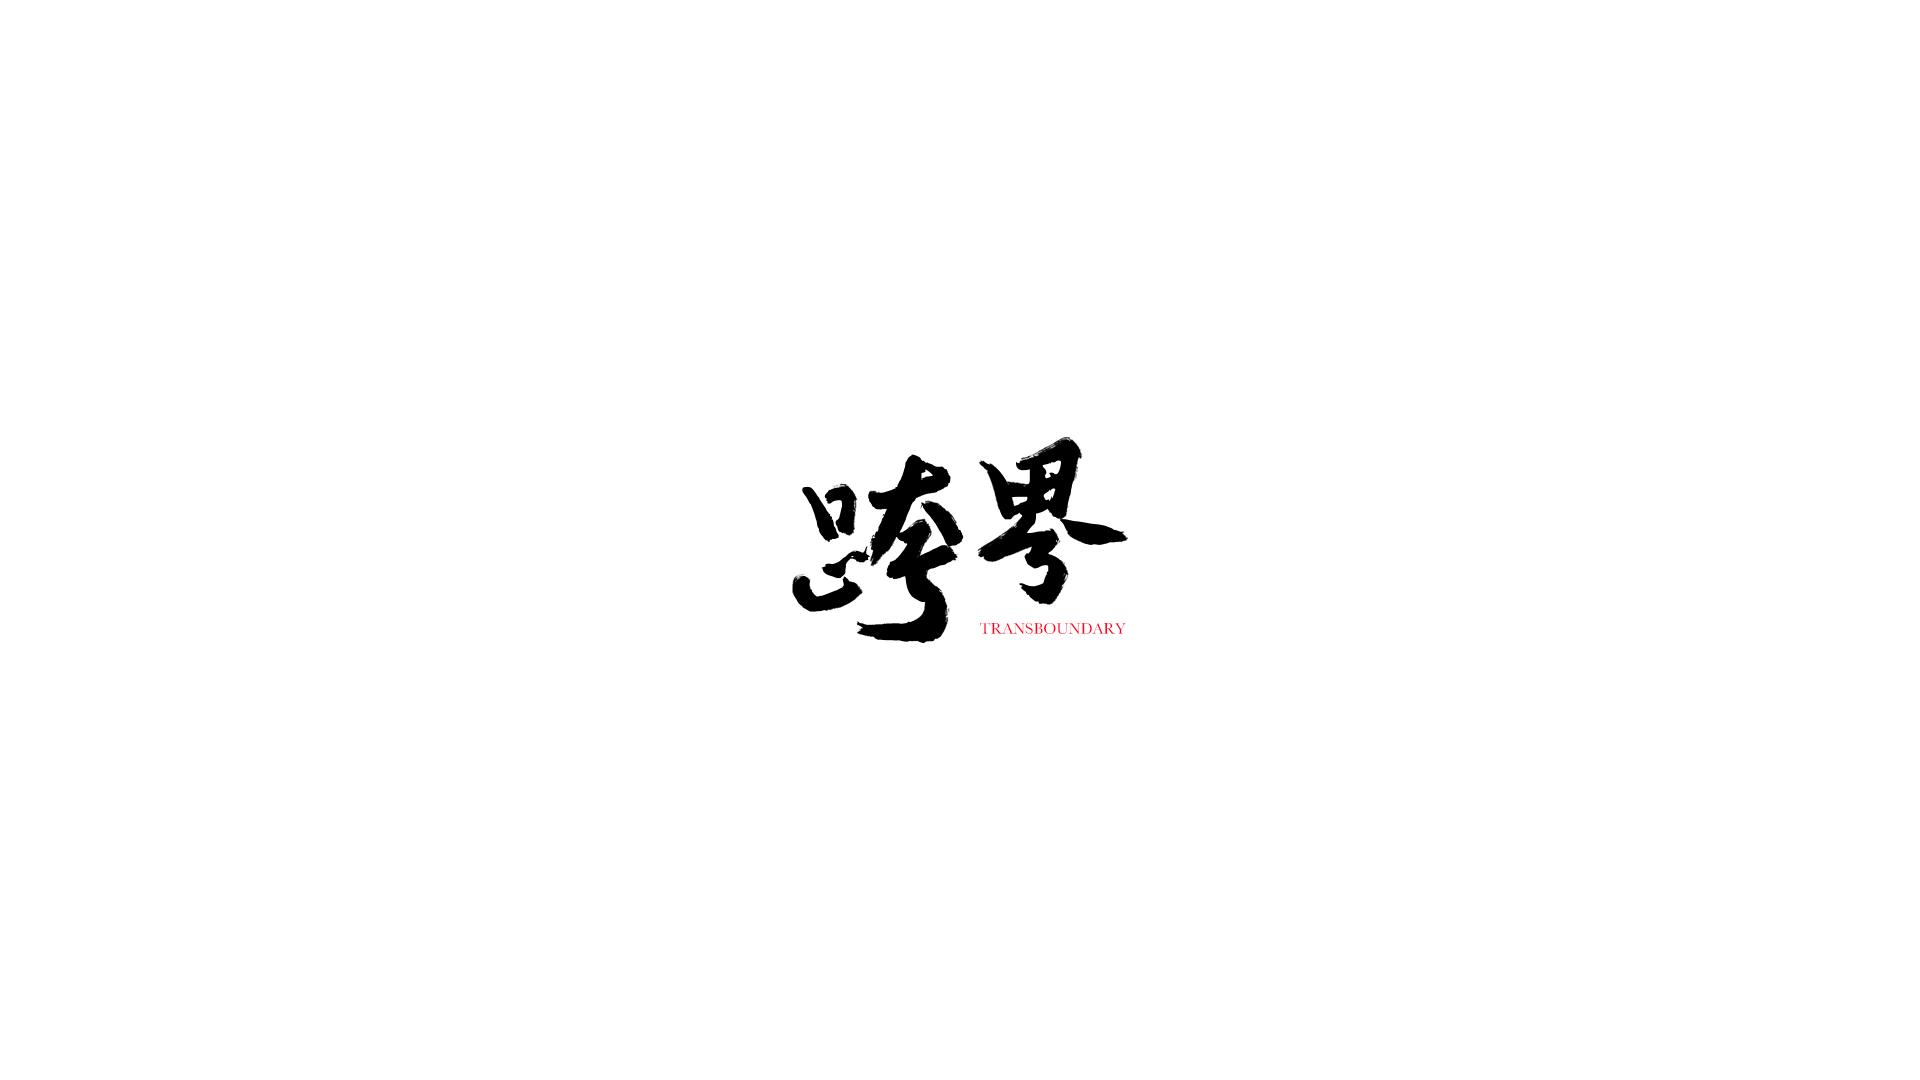 kuajie04